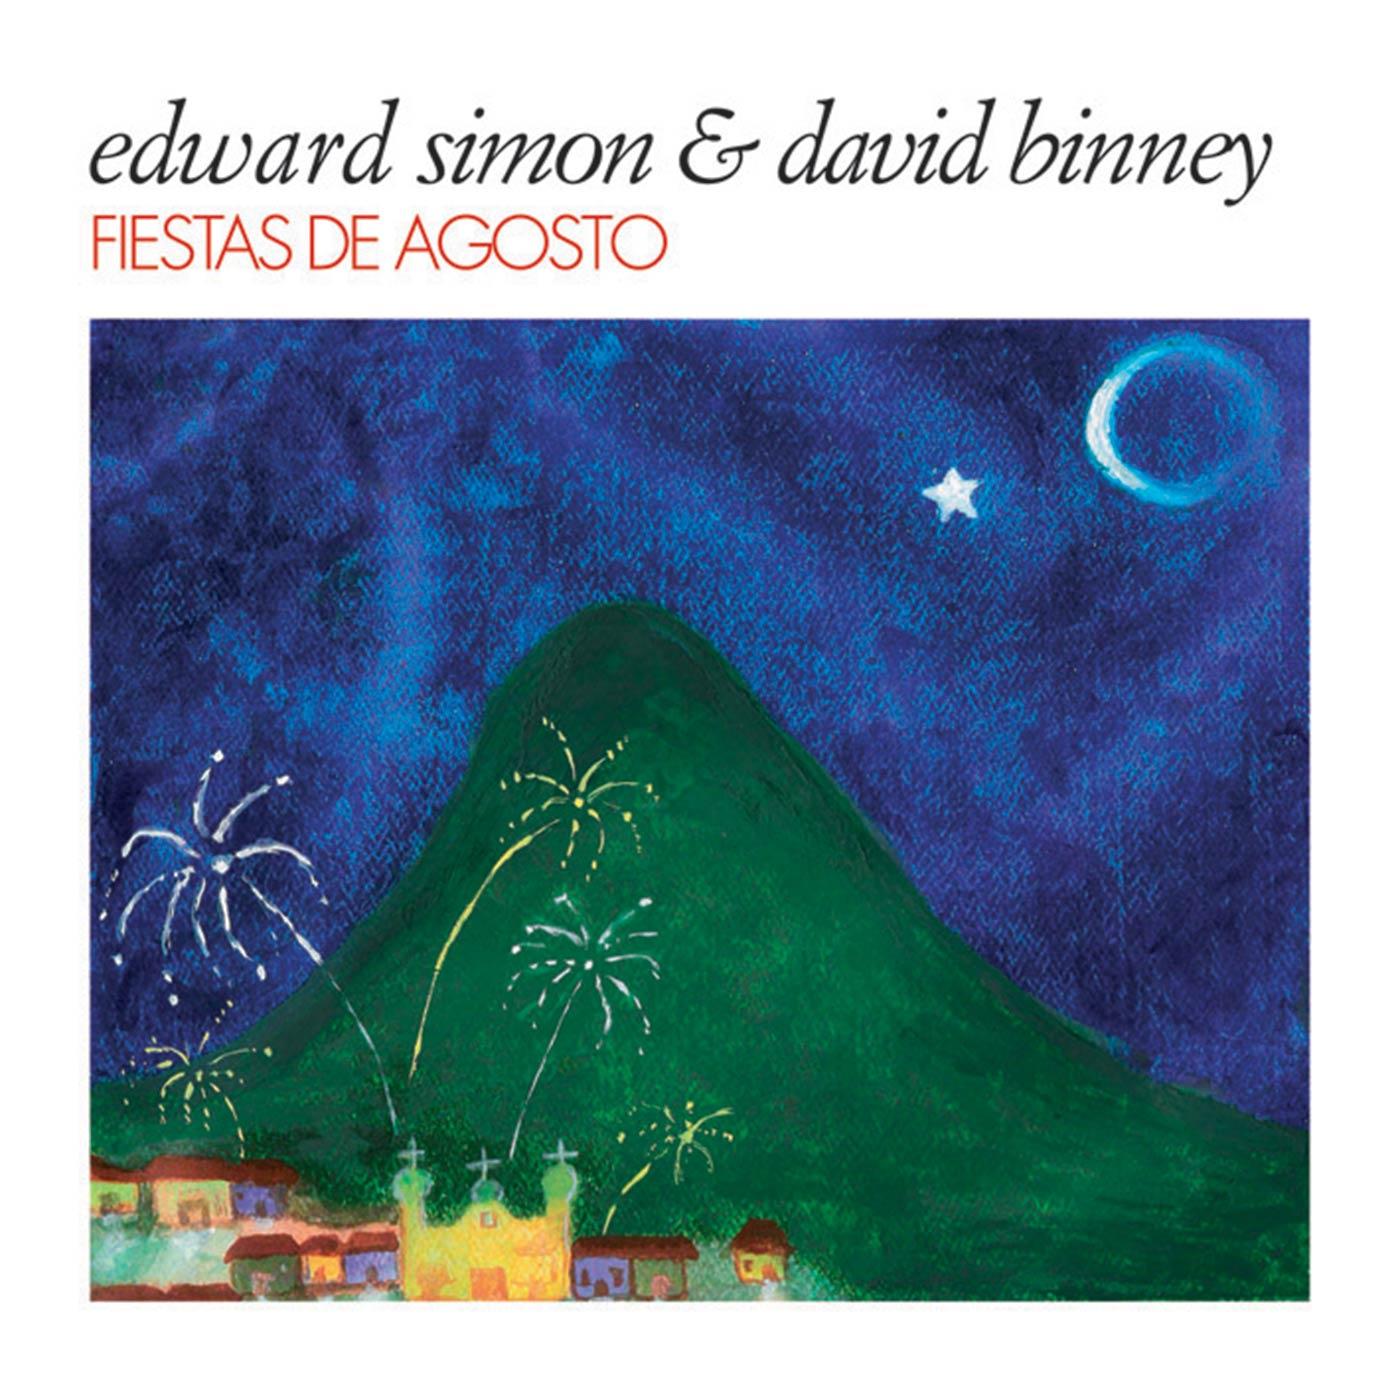 Fiestas De Agosto - Edward Simon & David Binney